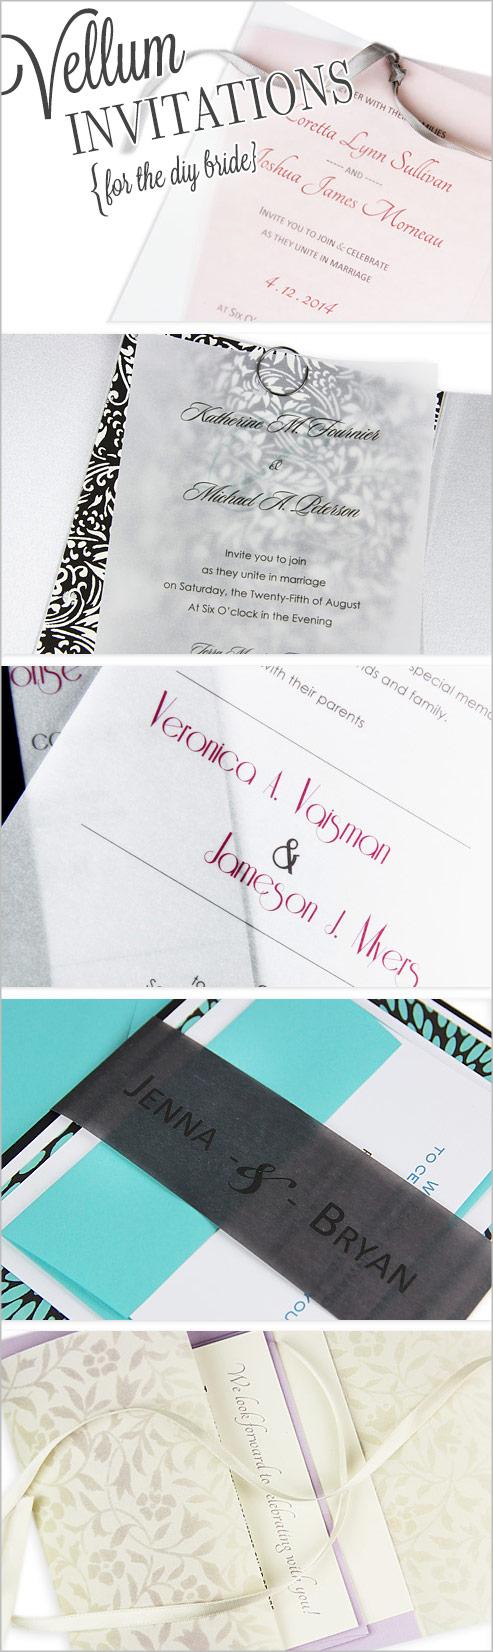 DIY vellum invitation ideas | Trending Translucent Vellum Paper ...